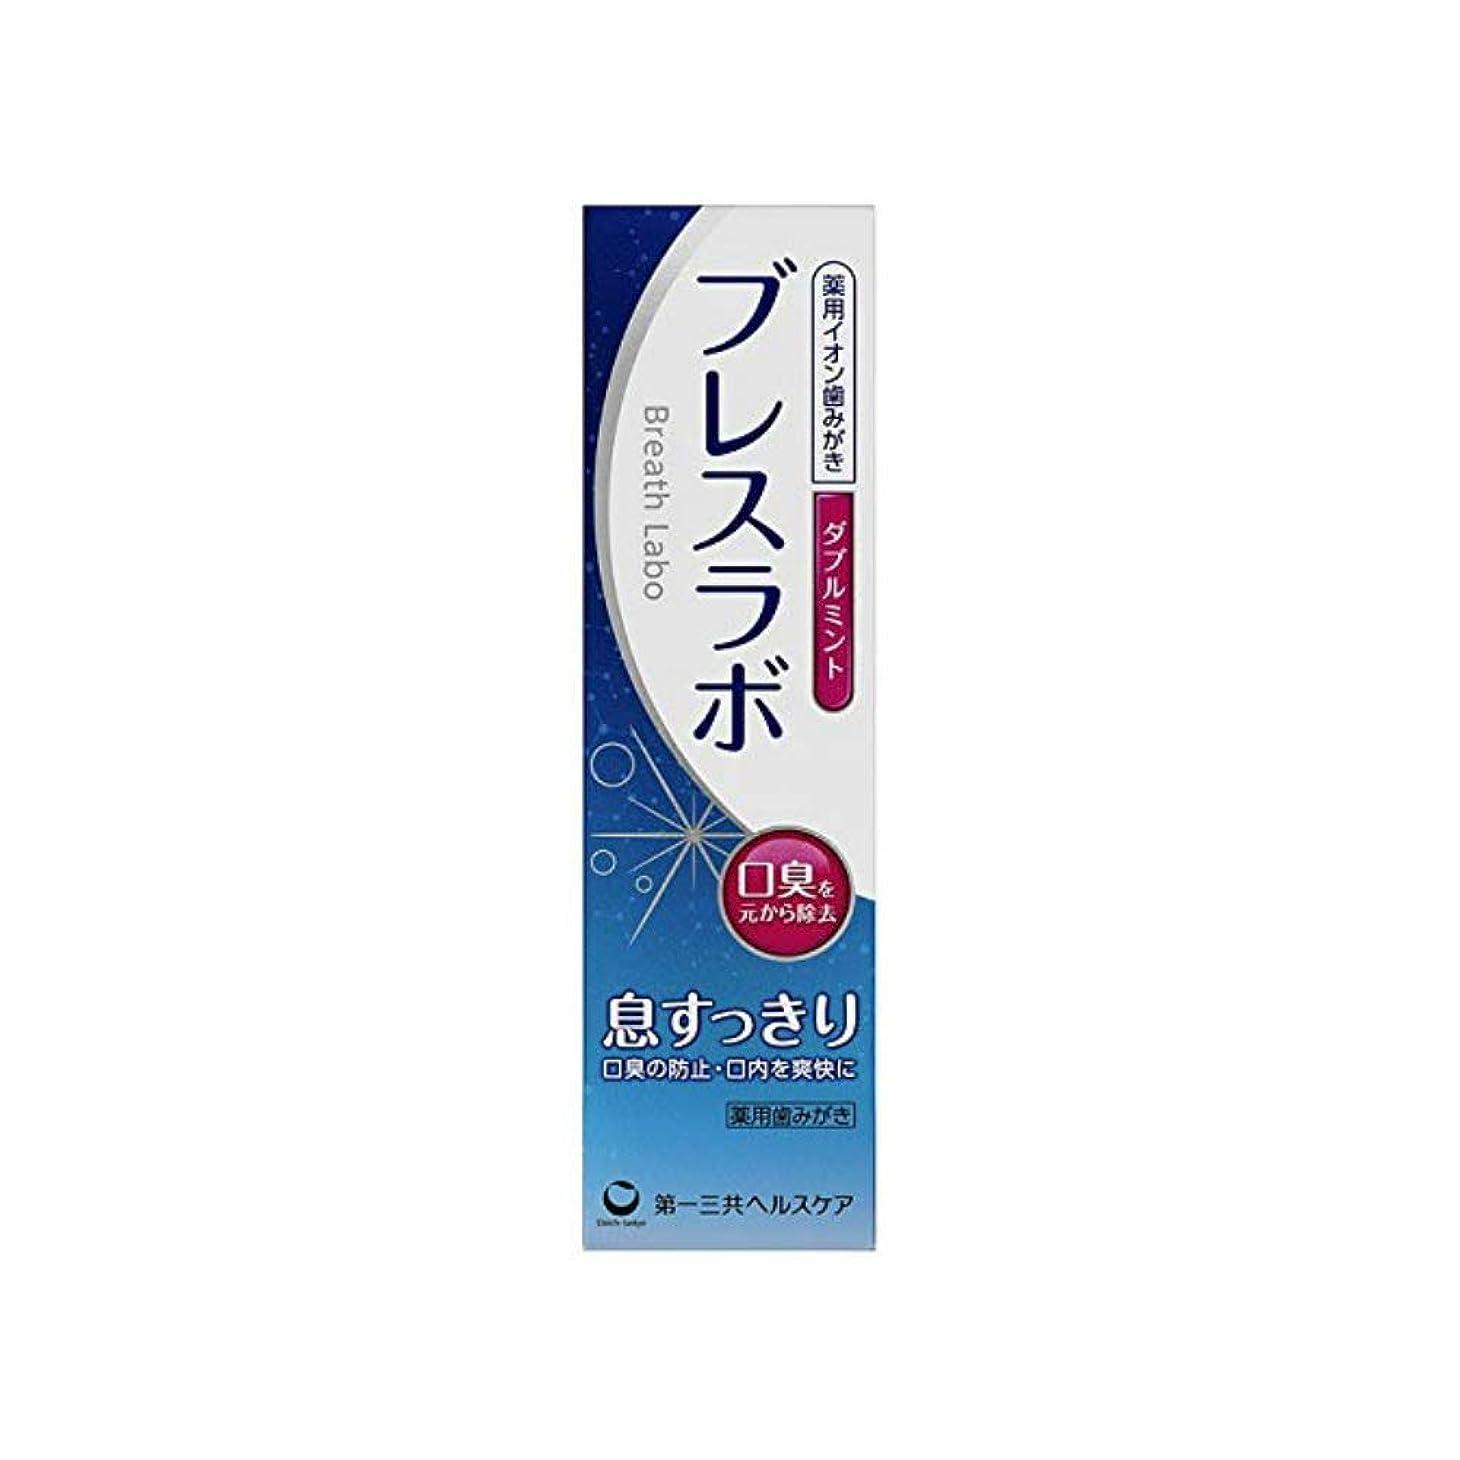 勤勉航空機殺人【6個セット】ブレスラボ ダブルミント 90g